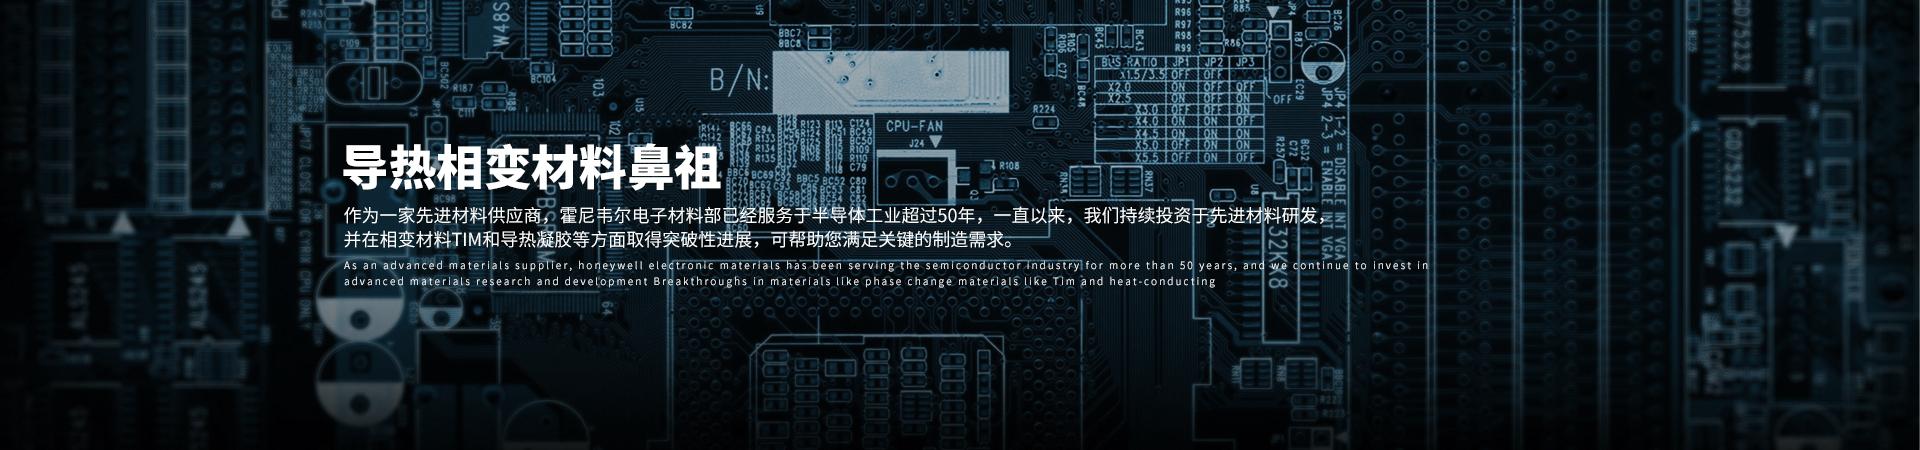 http://www.muzeinfo.cn/data/upload/202005/20200525104154_603.jpg